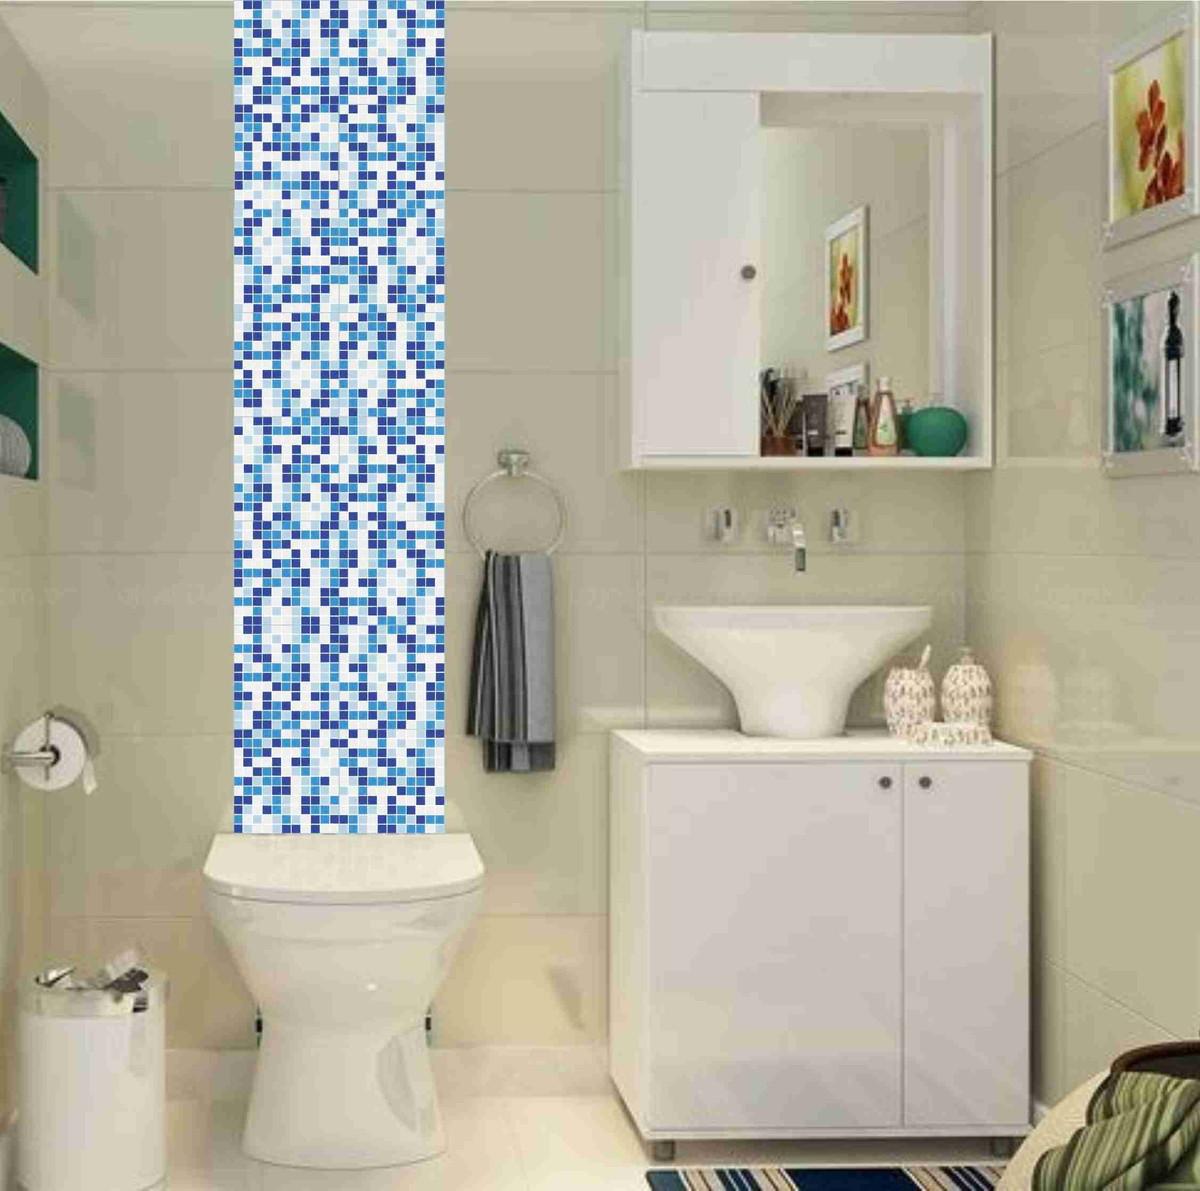 kit pastilhas azul bco frete gratis banheiro kit pastilhas azul bco  #2E719D 1200x1191 Banheiro Azulejo Pastilha